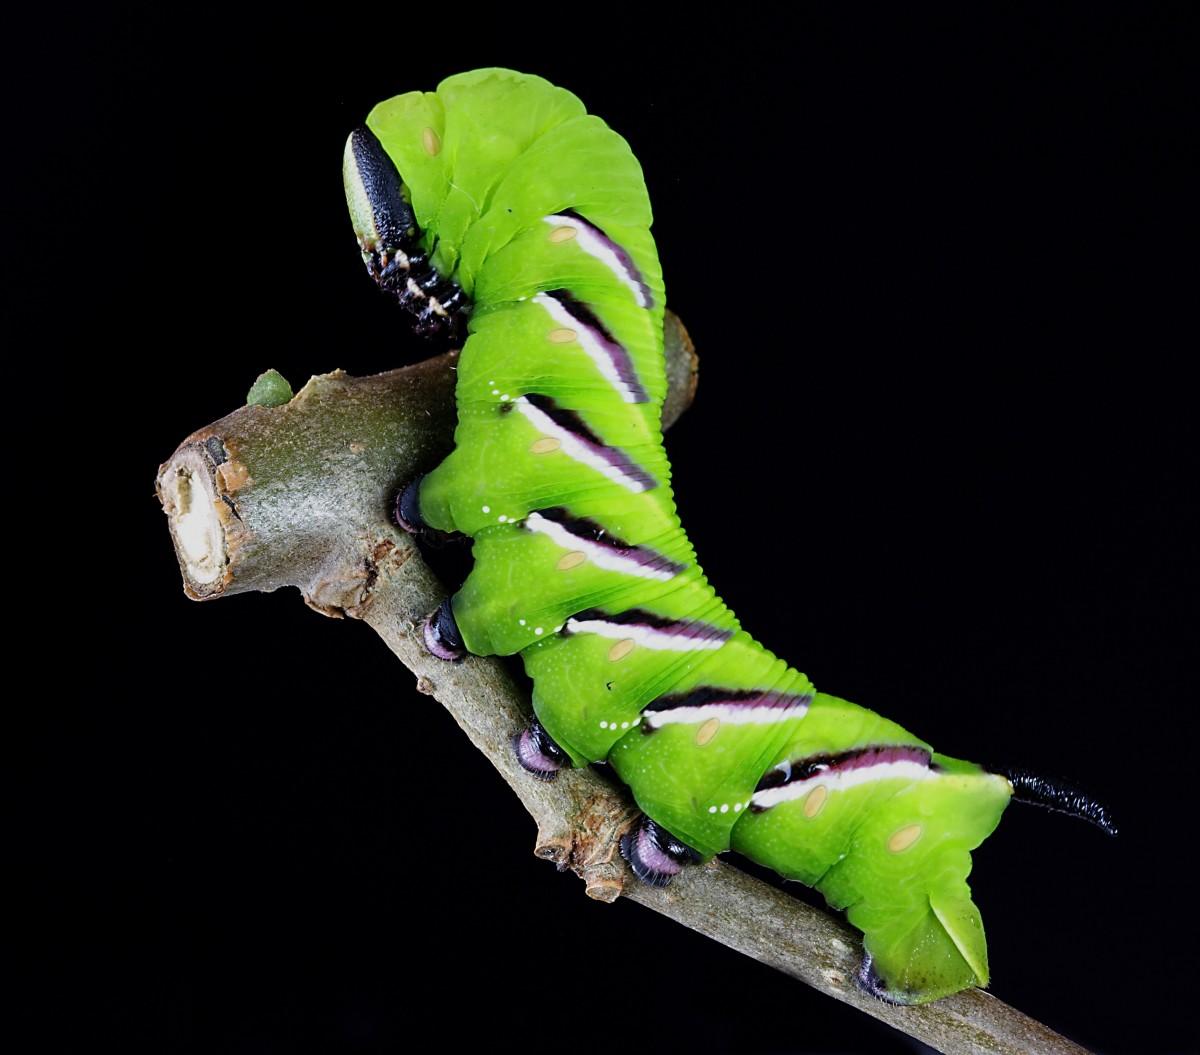 Images gratuites la nature vert insecte papillon de - Insecte vert volant ...